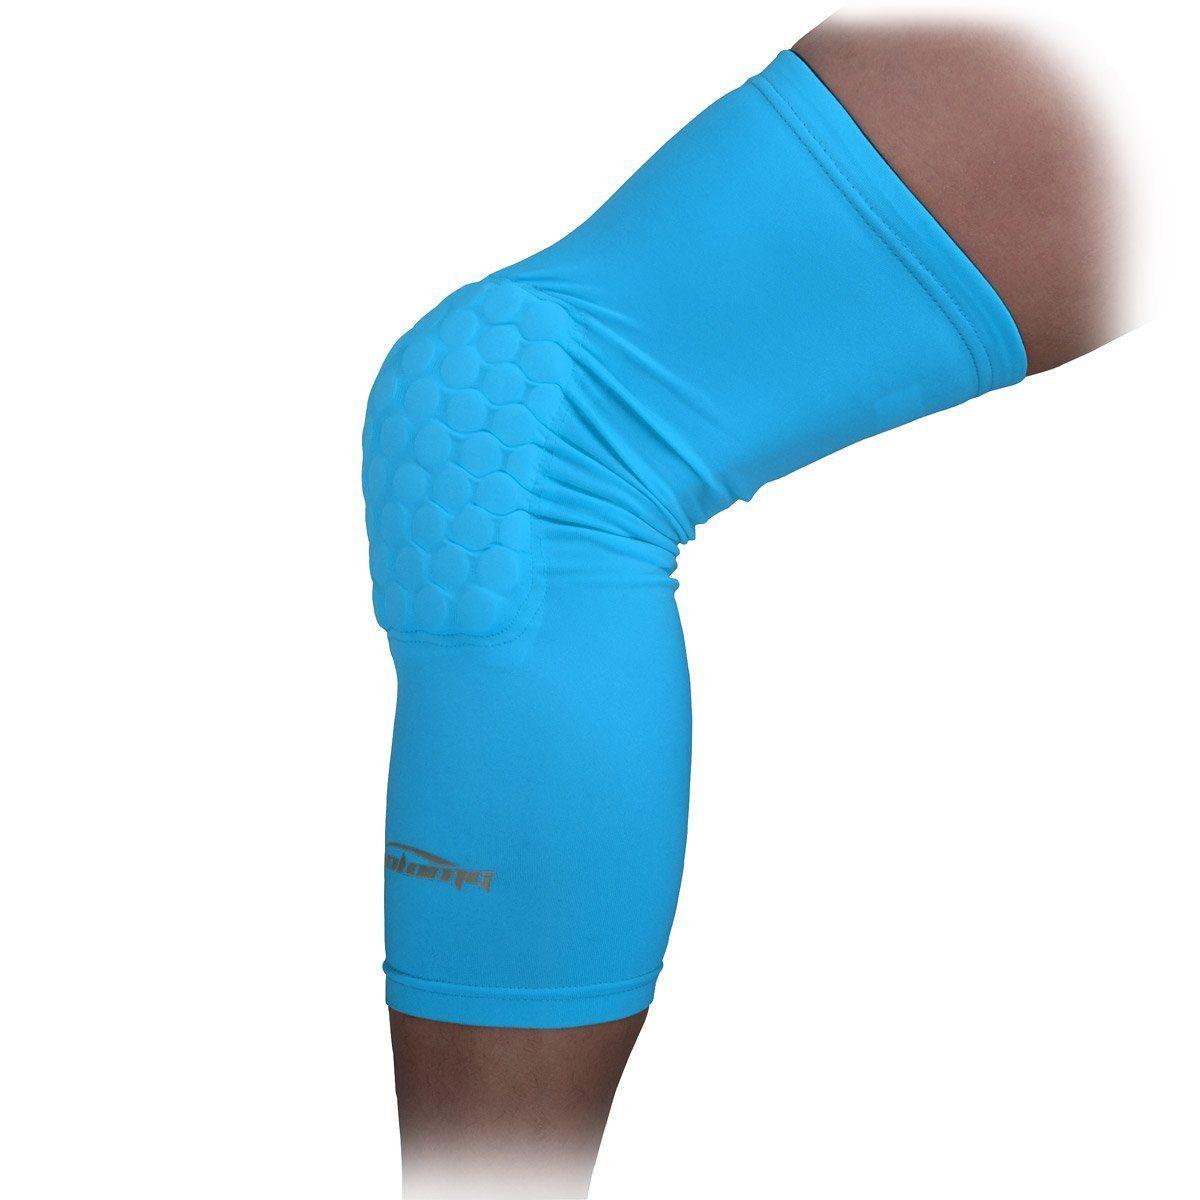 COOLOMG Lange Wärmehaltende Anti Rutsch Aermel Kniebandage Atmungsaktive Knieschoner für Damen Herren 1 Stück XS-XL: Amazon.de: Sport & Freizeit